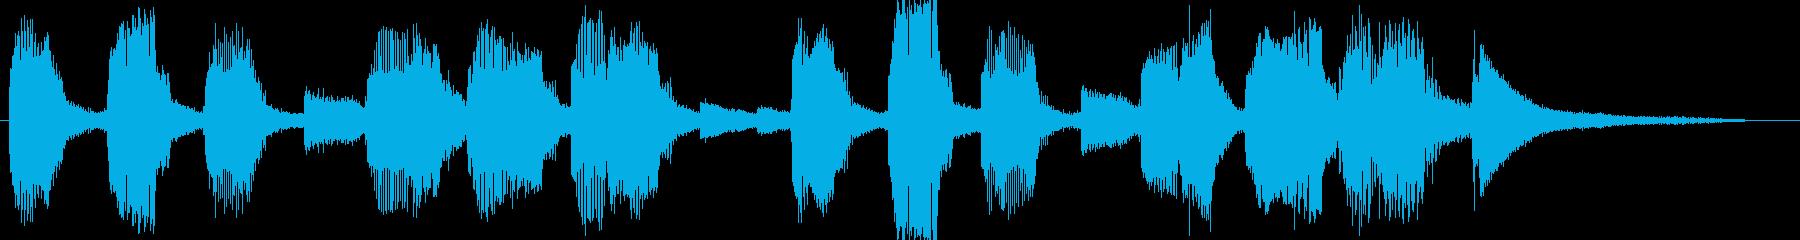 象/動物/コミカル/のんき/のっそりの再生済みの波形